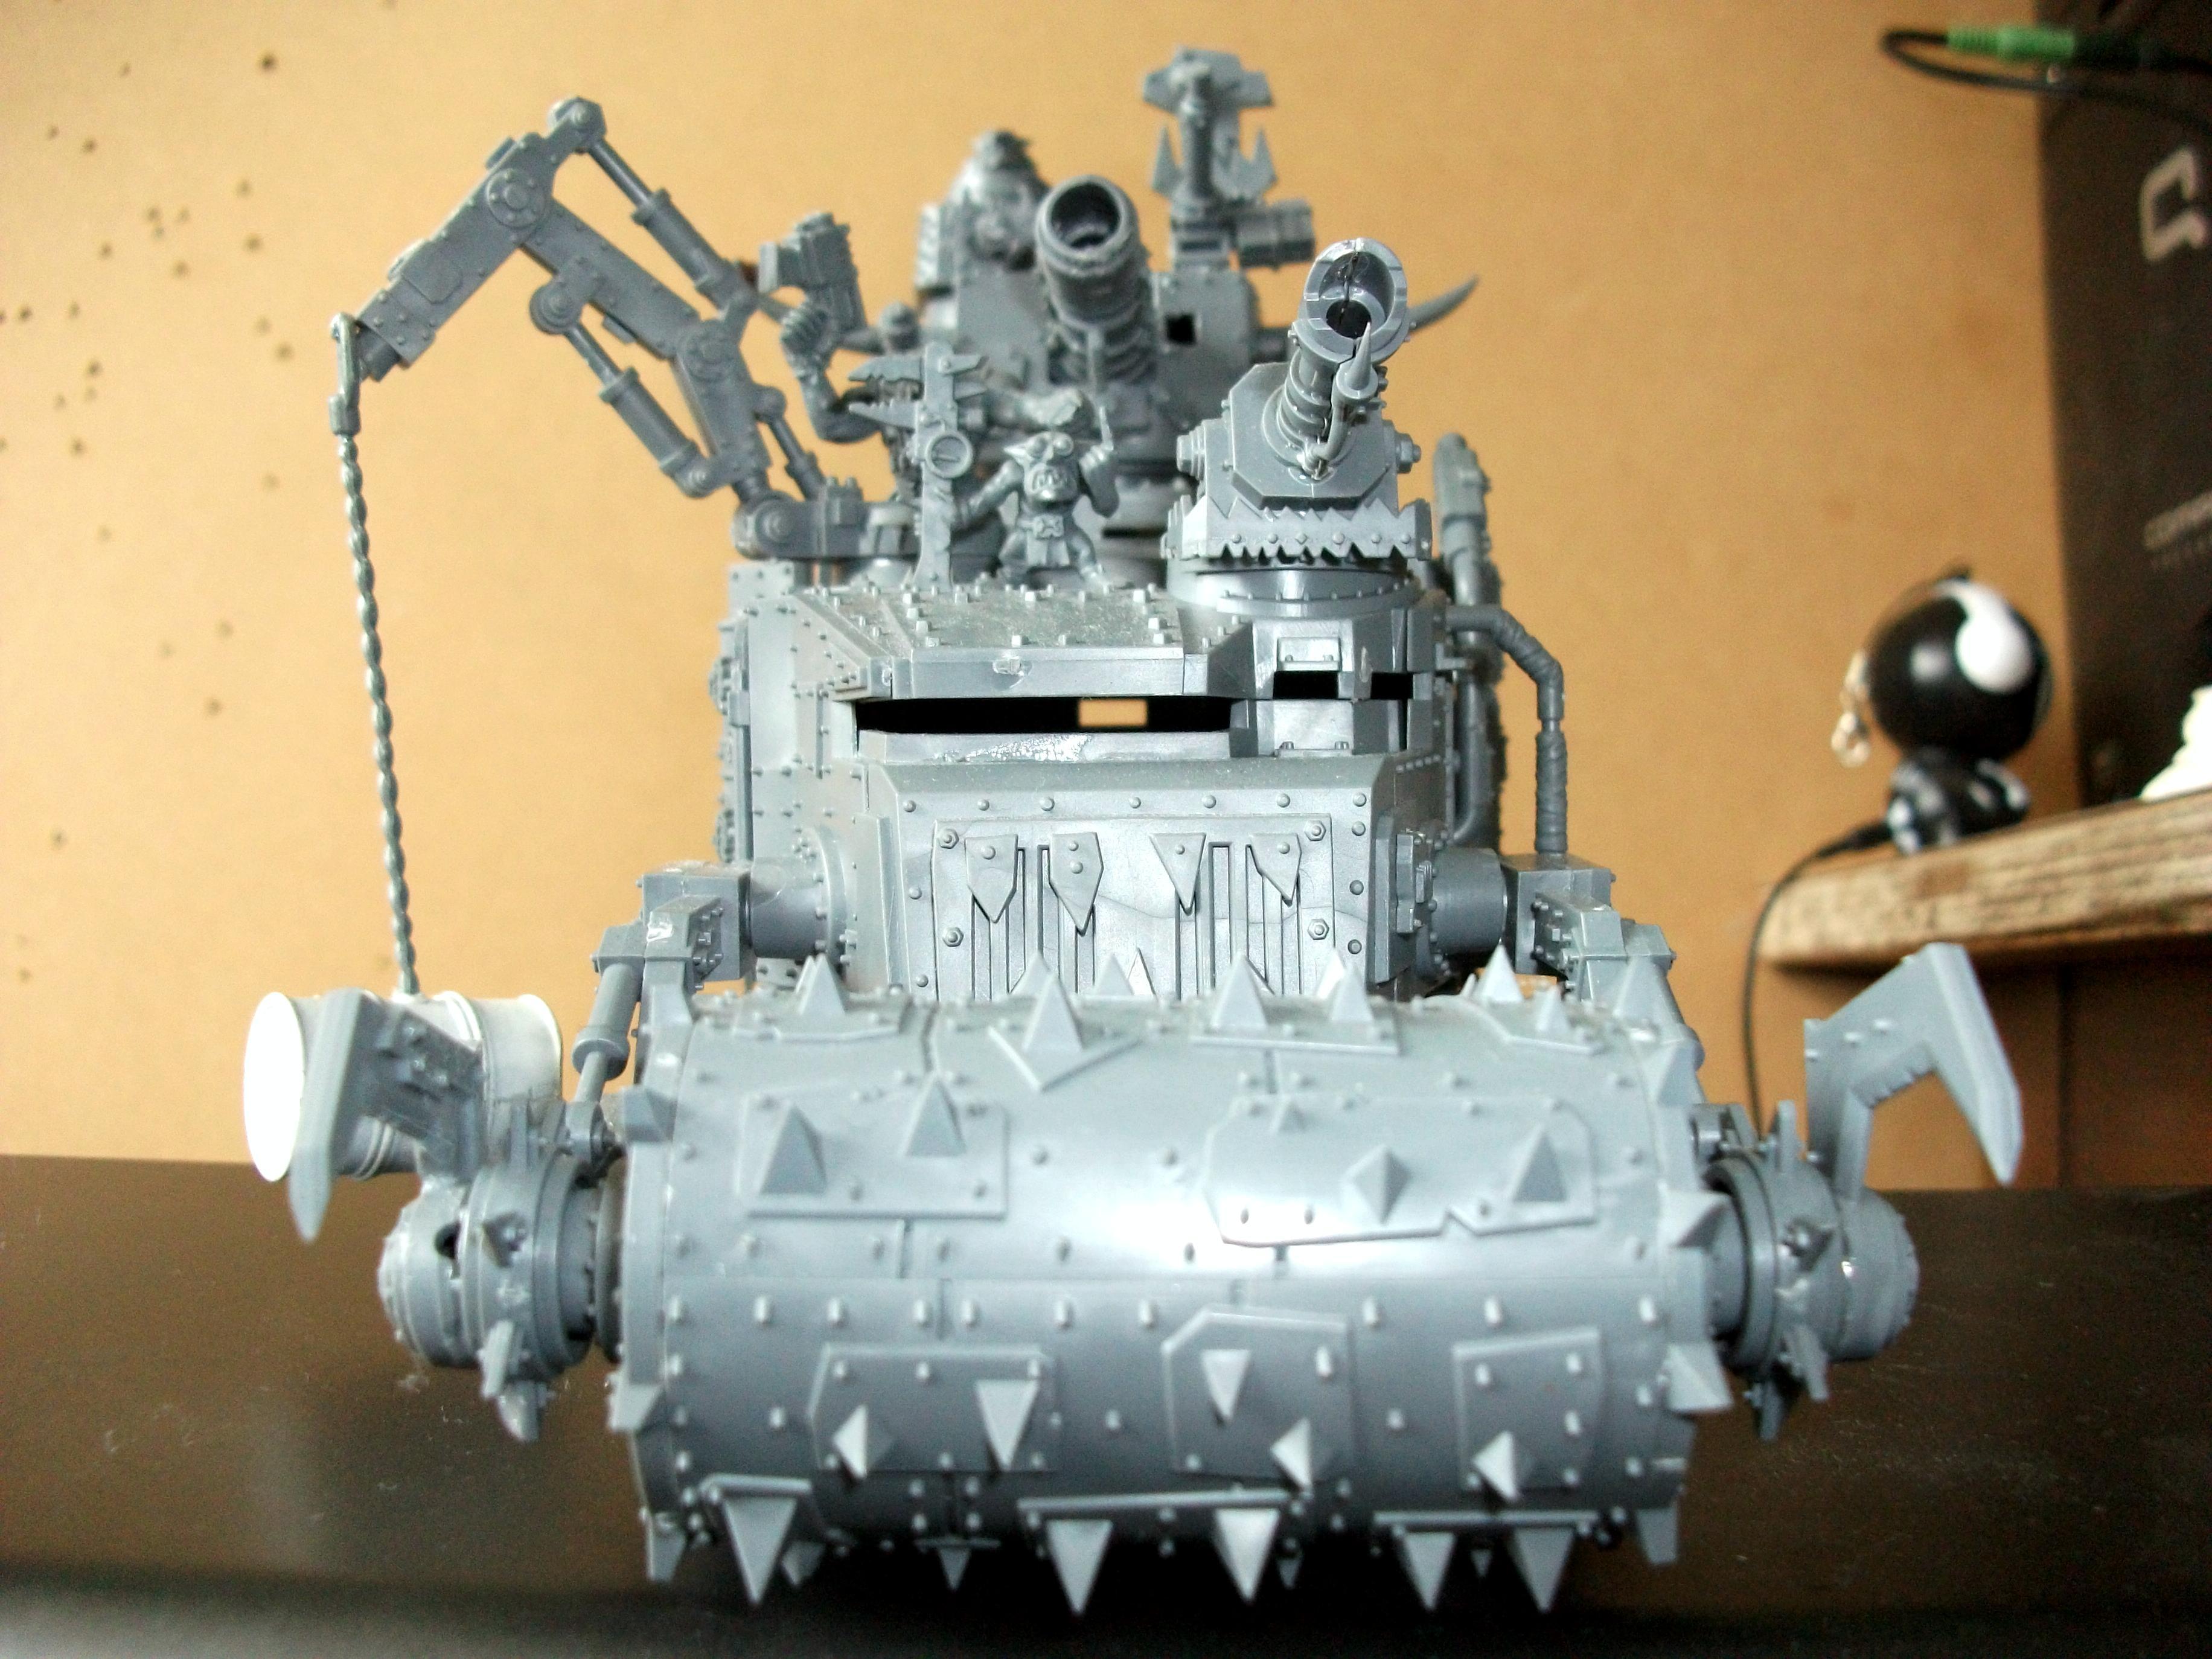 Battlewagon, Orks, Warhammer 40,000, Work In Progress